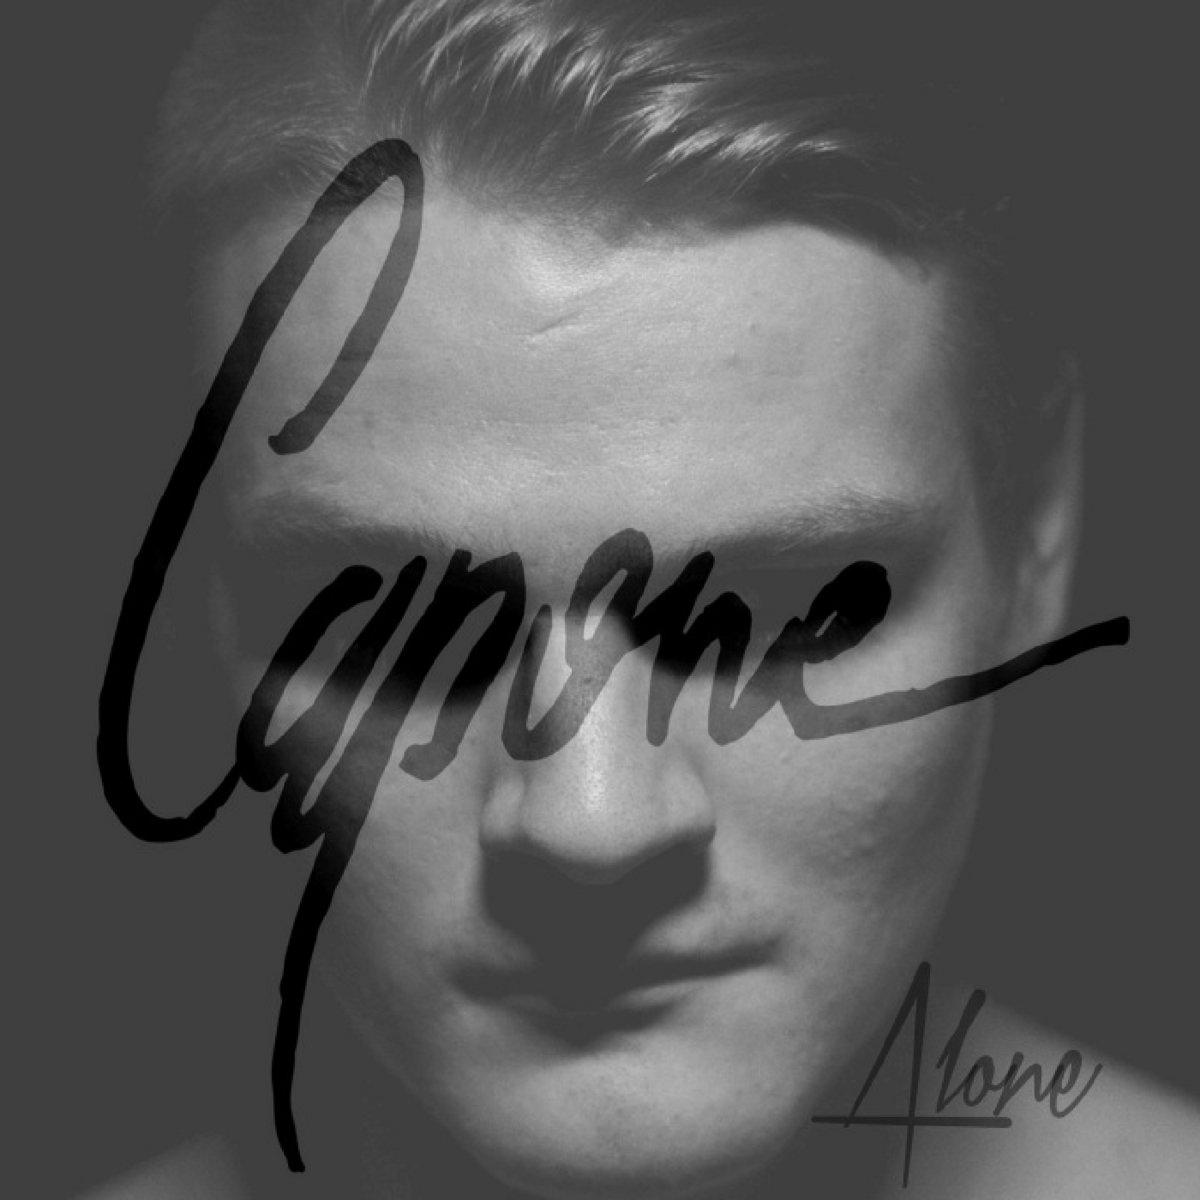 Capone - Alone [EP] (2016)